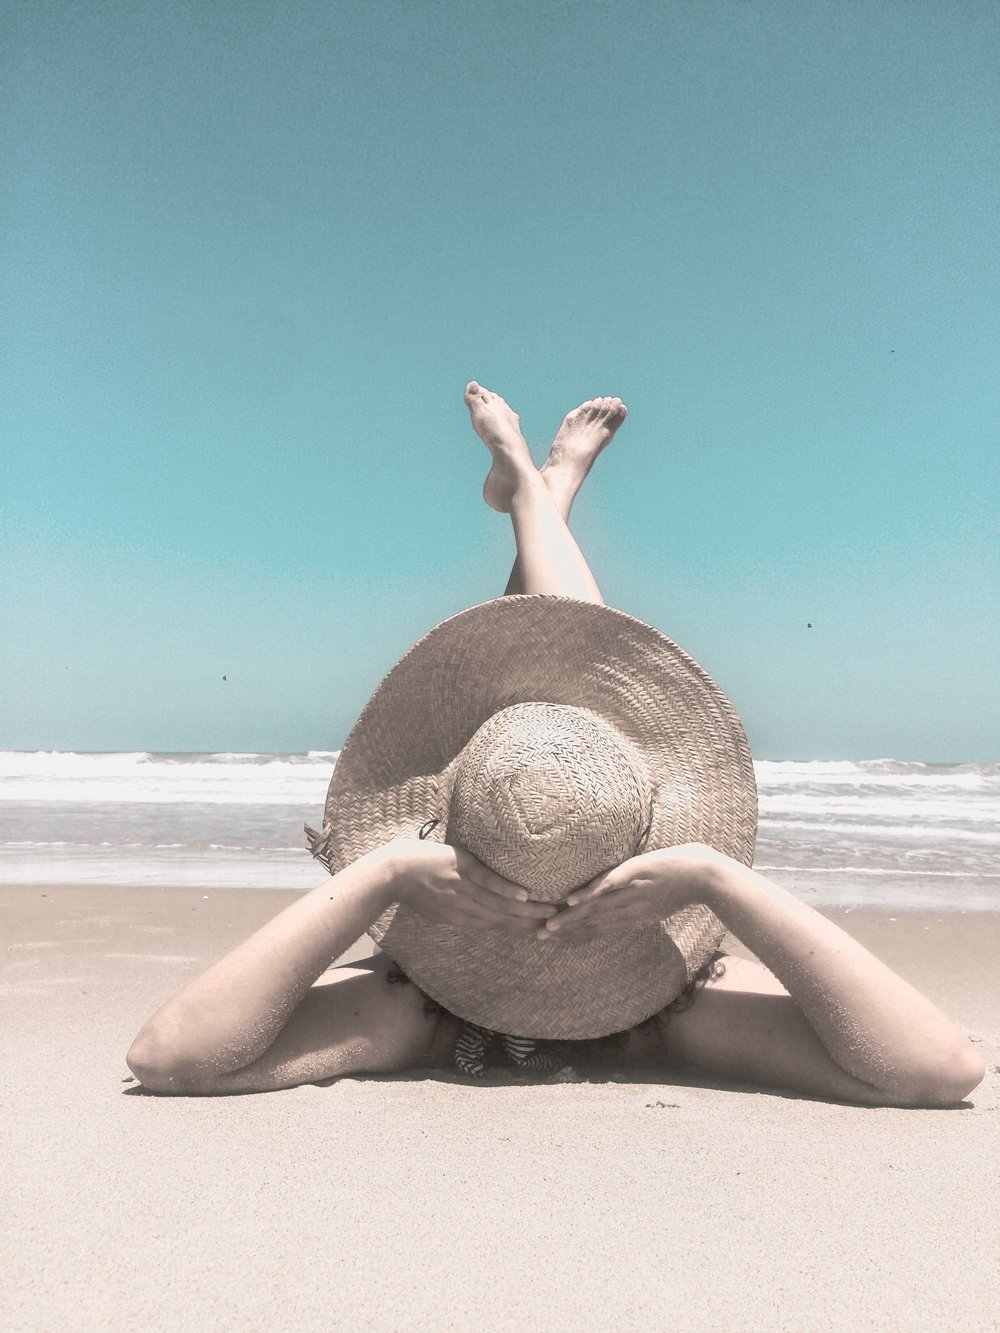 beach-leisure-ocean-1770310.jpg